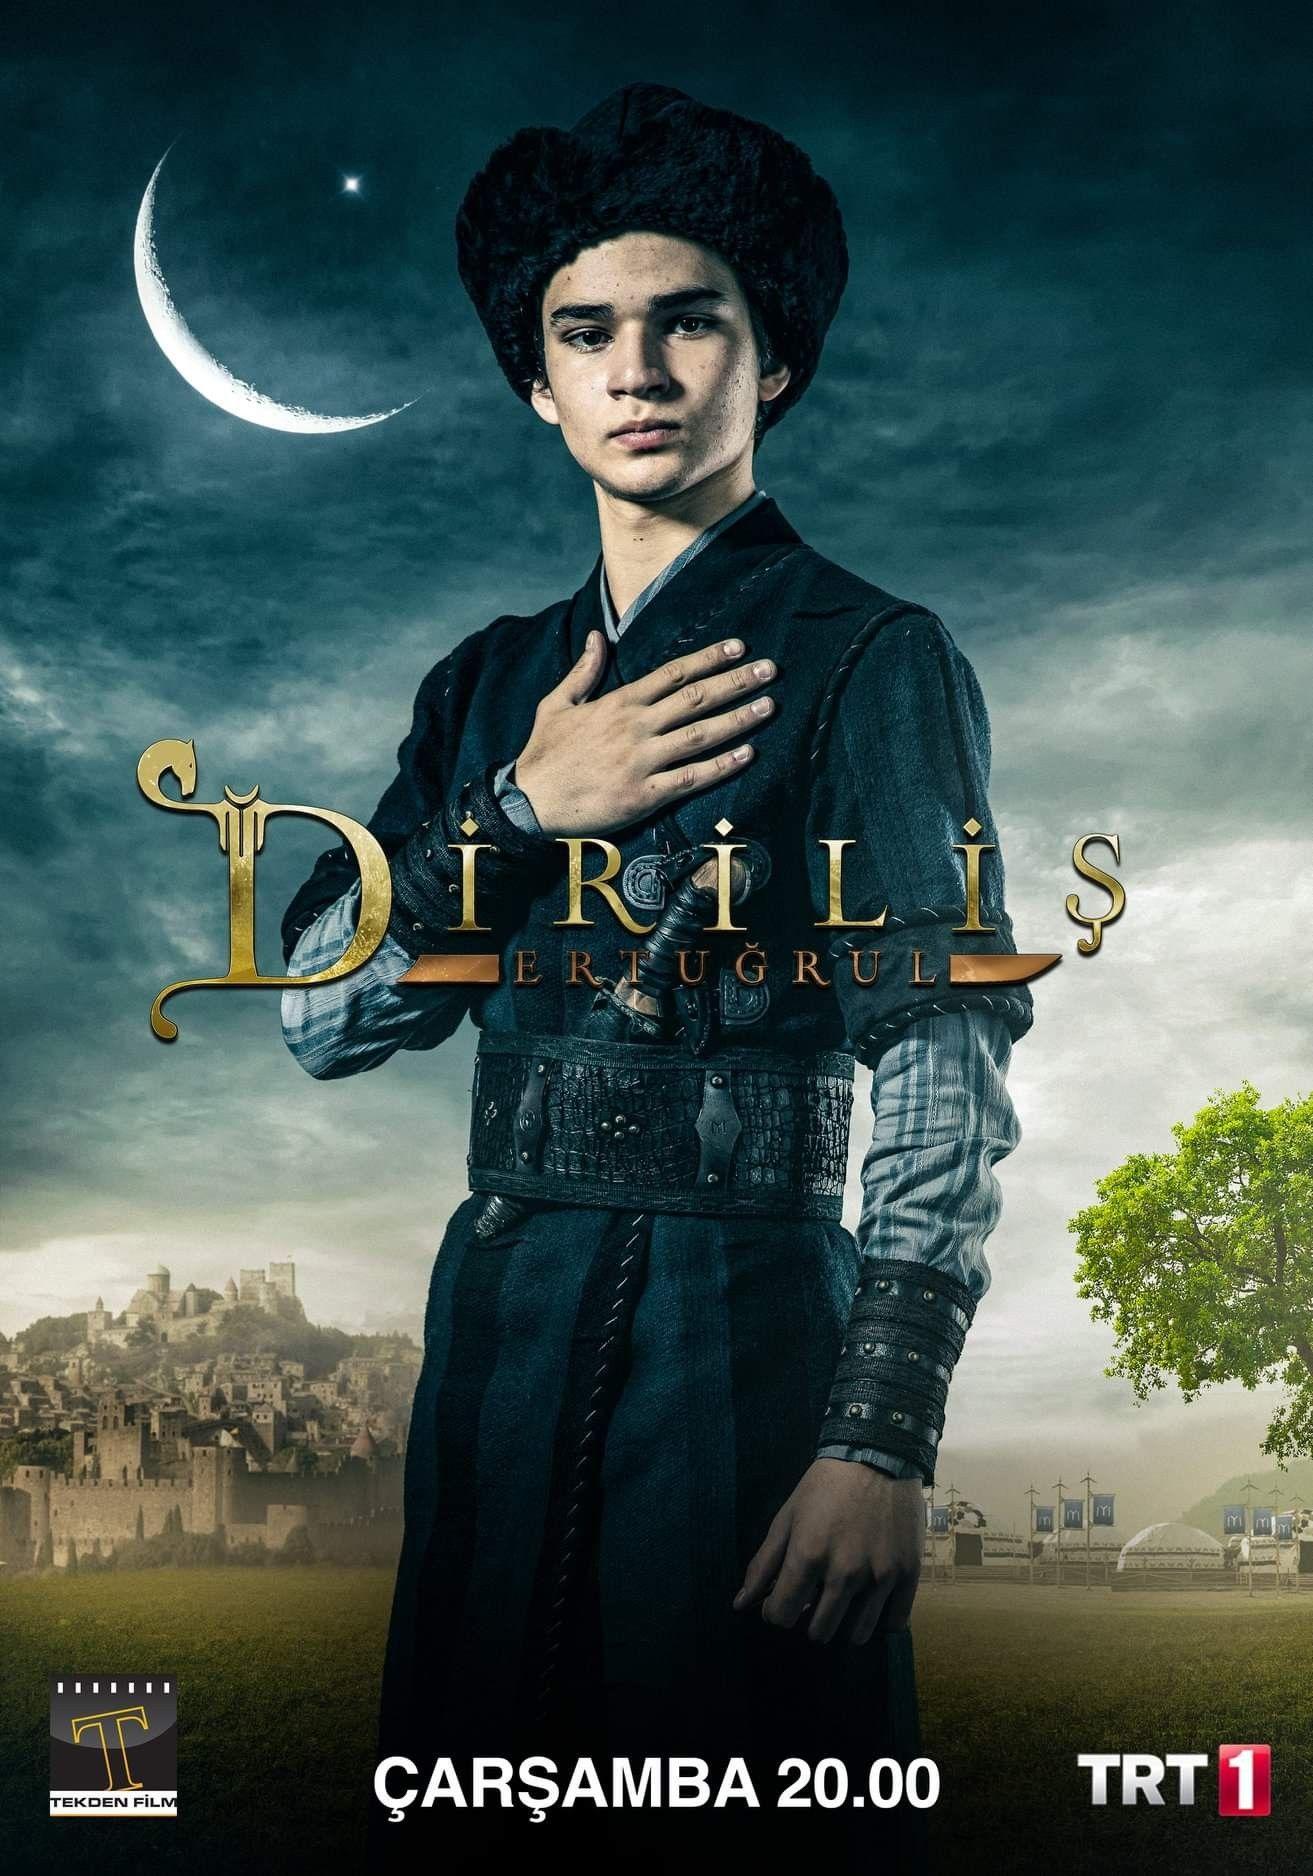 Dirilis Ertugrul, season 5 | Dirilis Ertugrul series in 2019